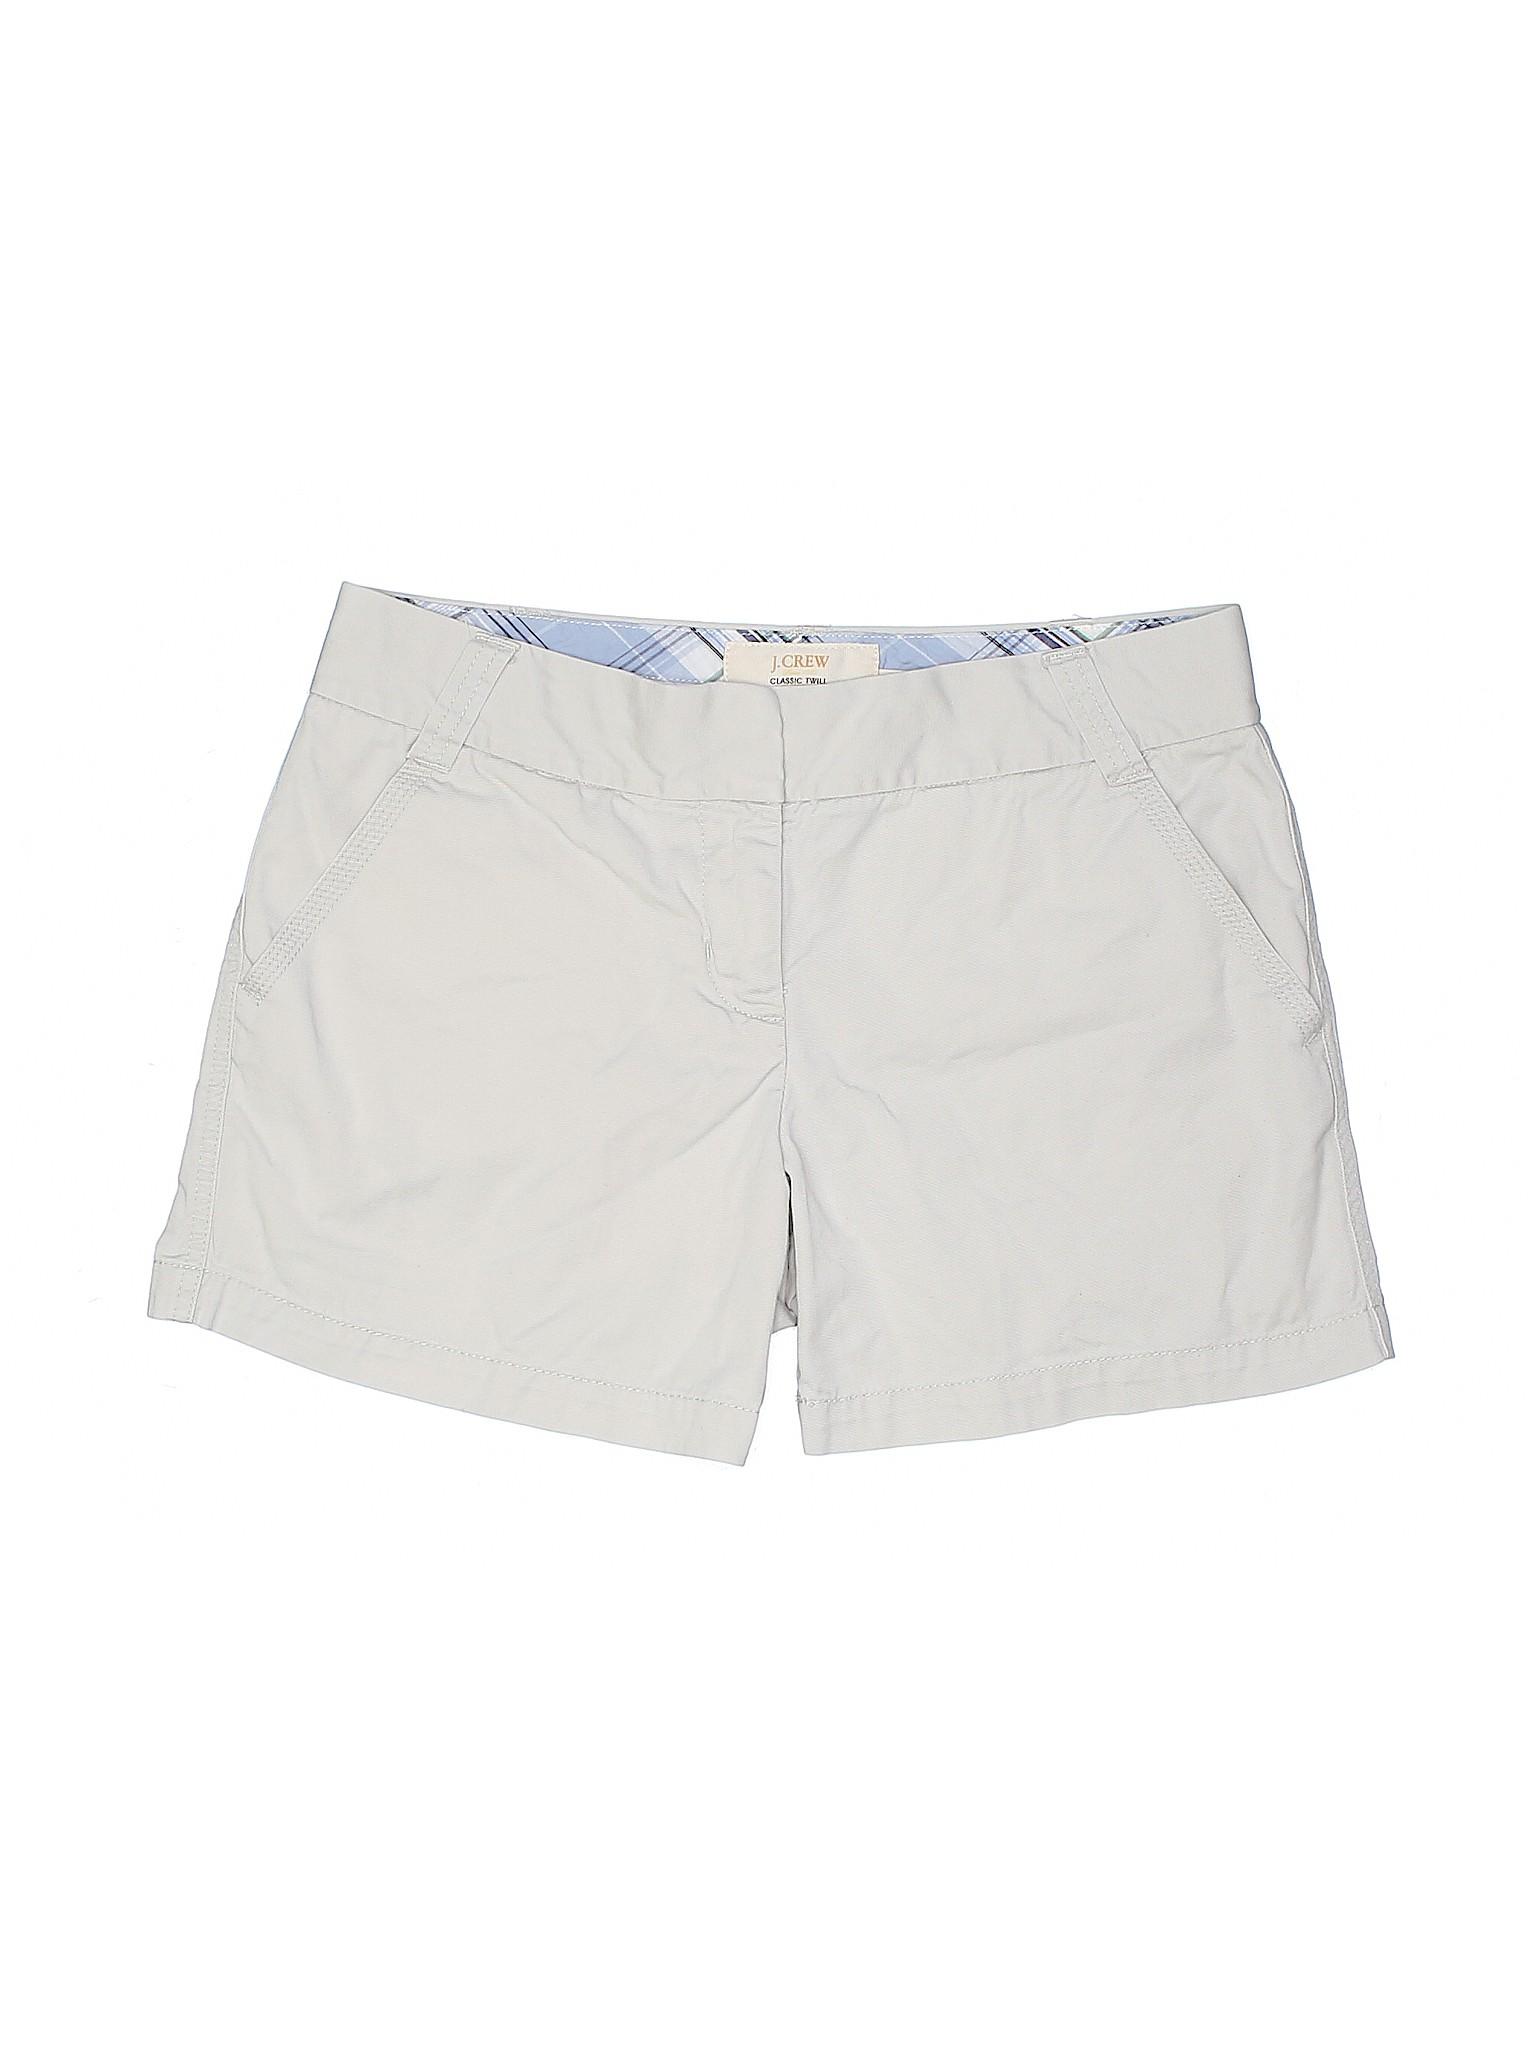 J Khaki leisure Shorts Crew Boutique AwOY5xqnO